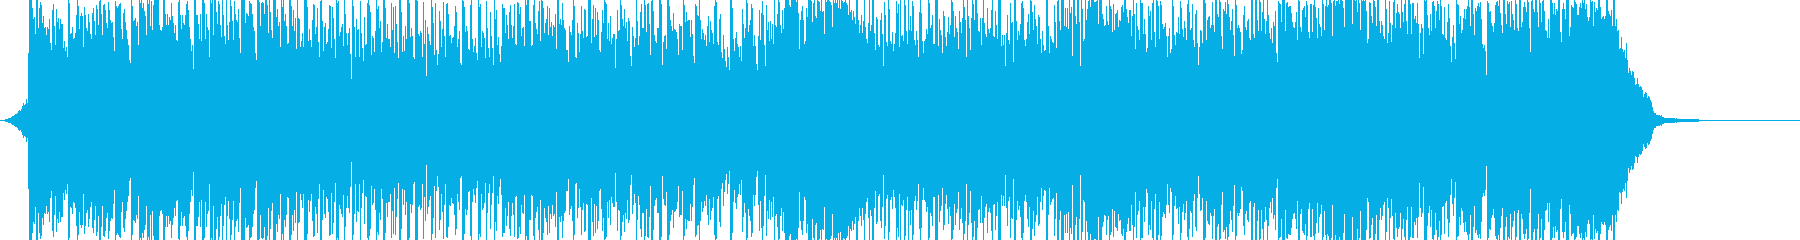 爽やかで軽快なインストポップスの再生済みの波形